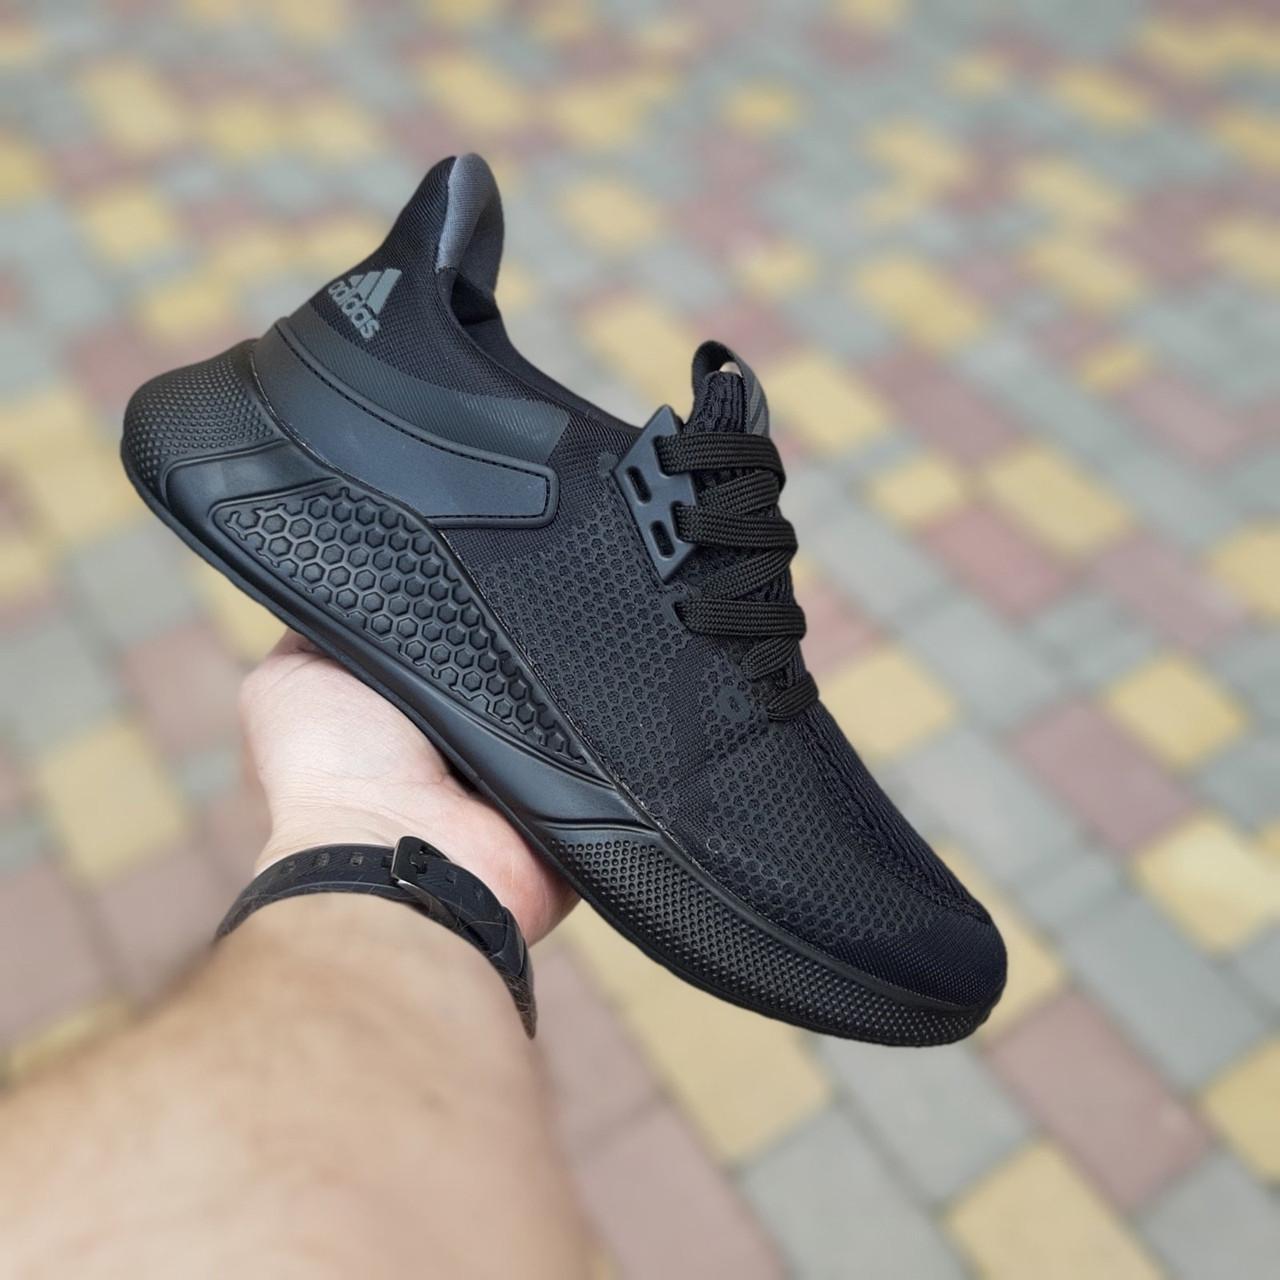 Adidas чоловічі літні чорні кросівки на шнурках. Літні чоловічі текстильні кроси